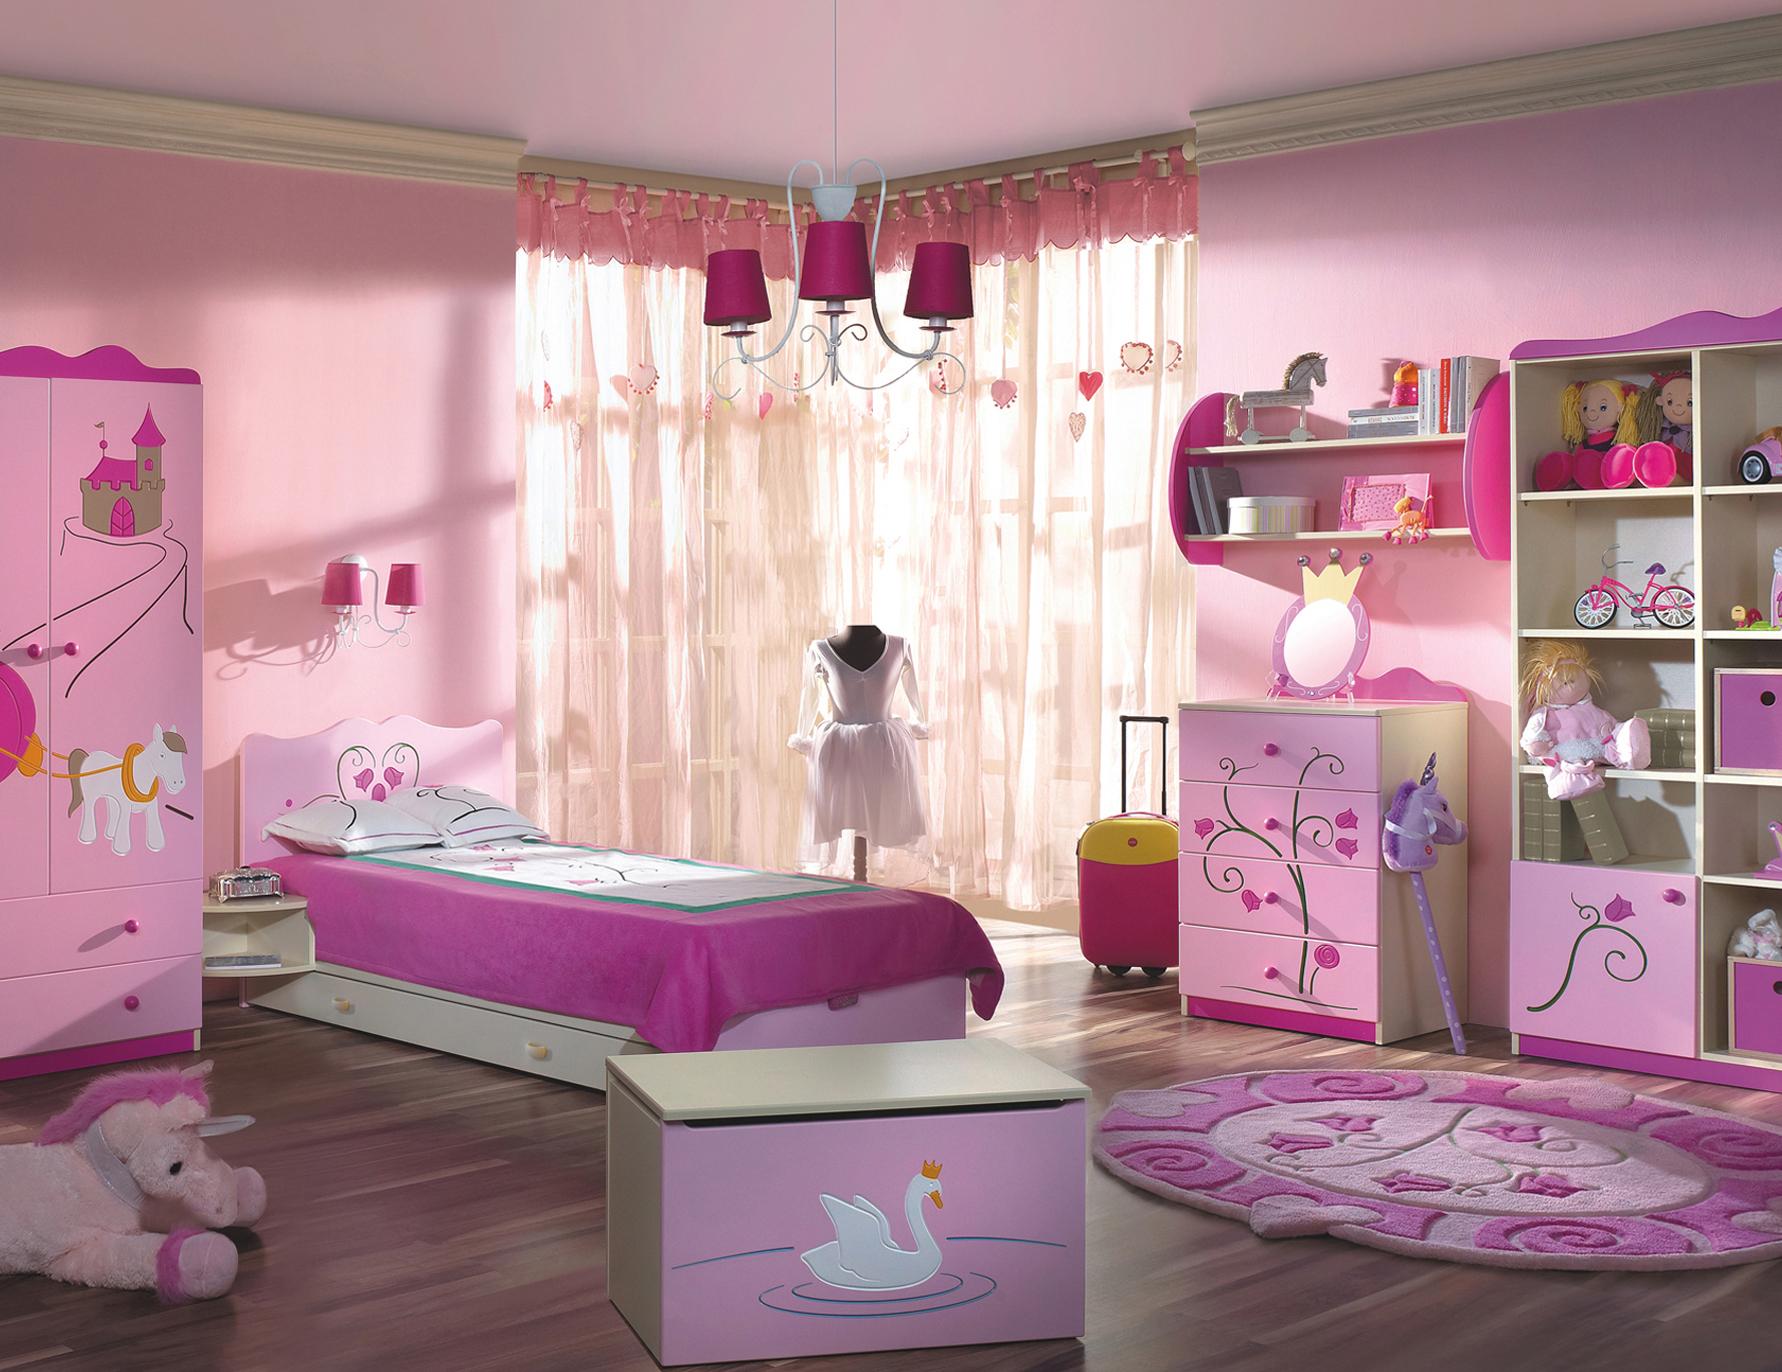 Розовая щель фото 8 фотография